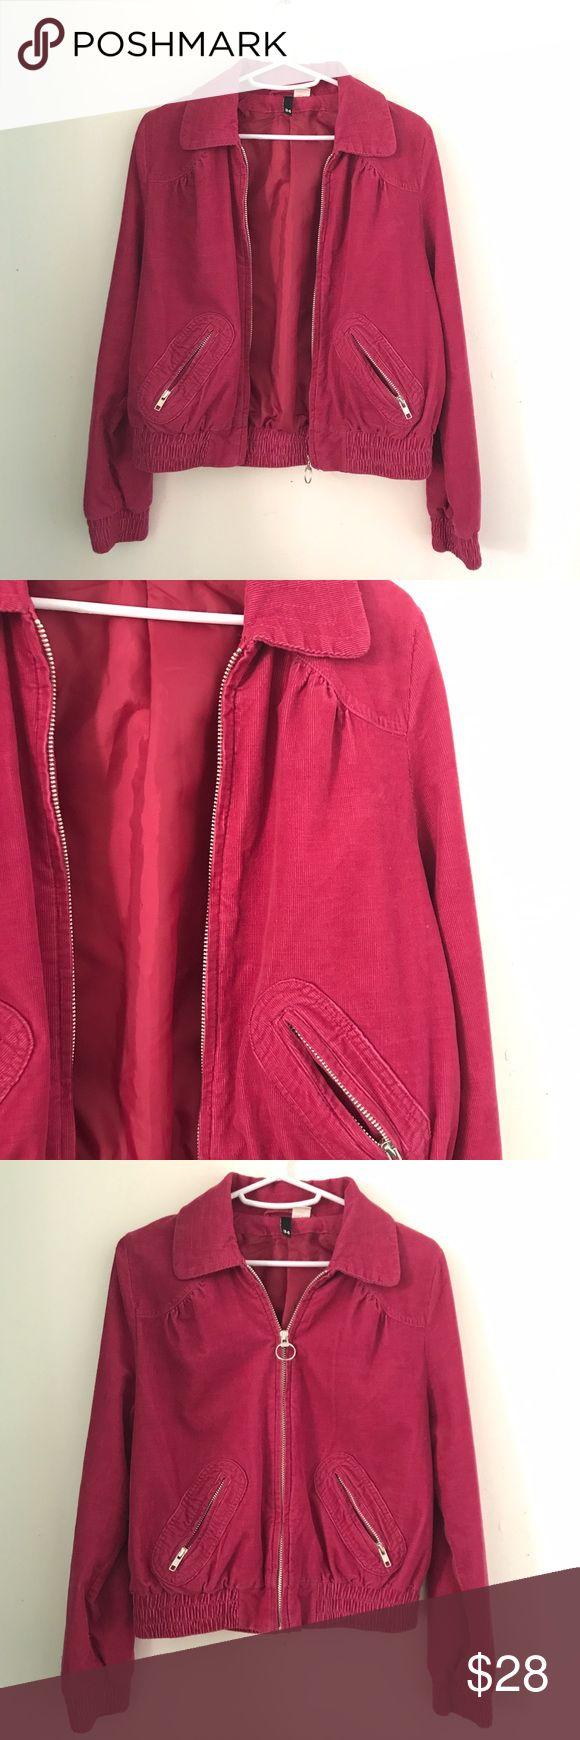 H&M corduroy bomber jacket NWOT Bomber jacket, Clothes